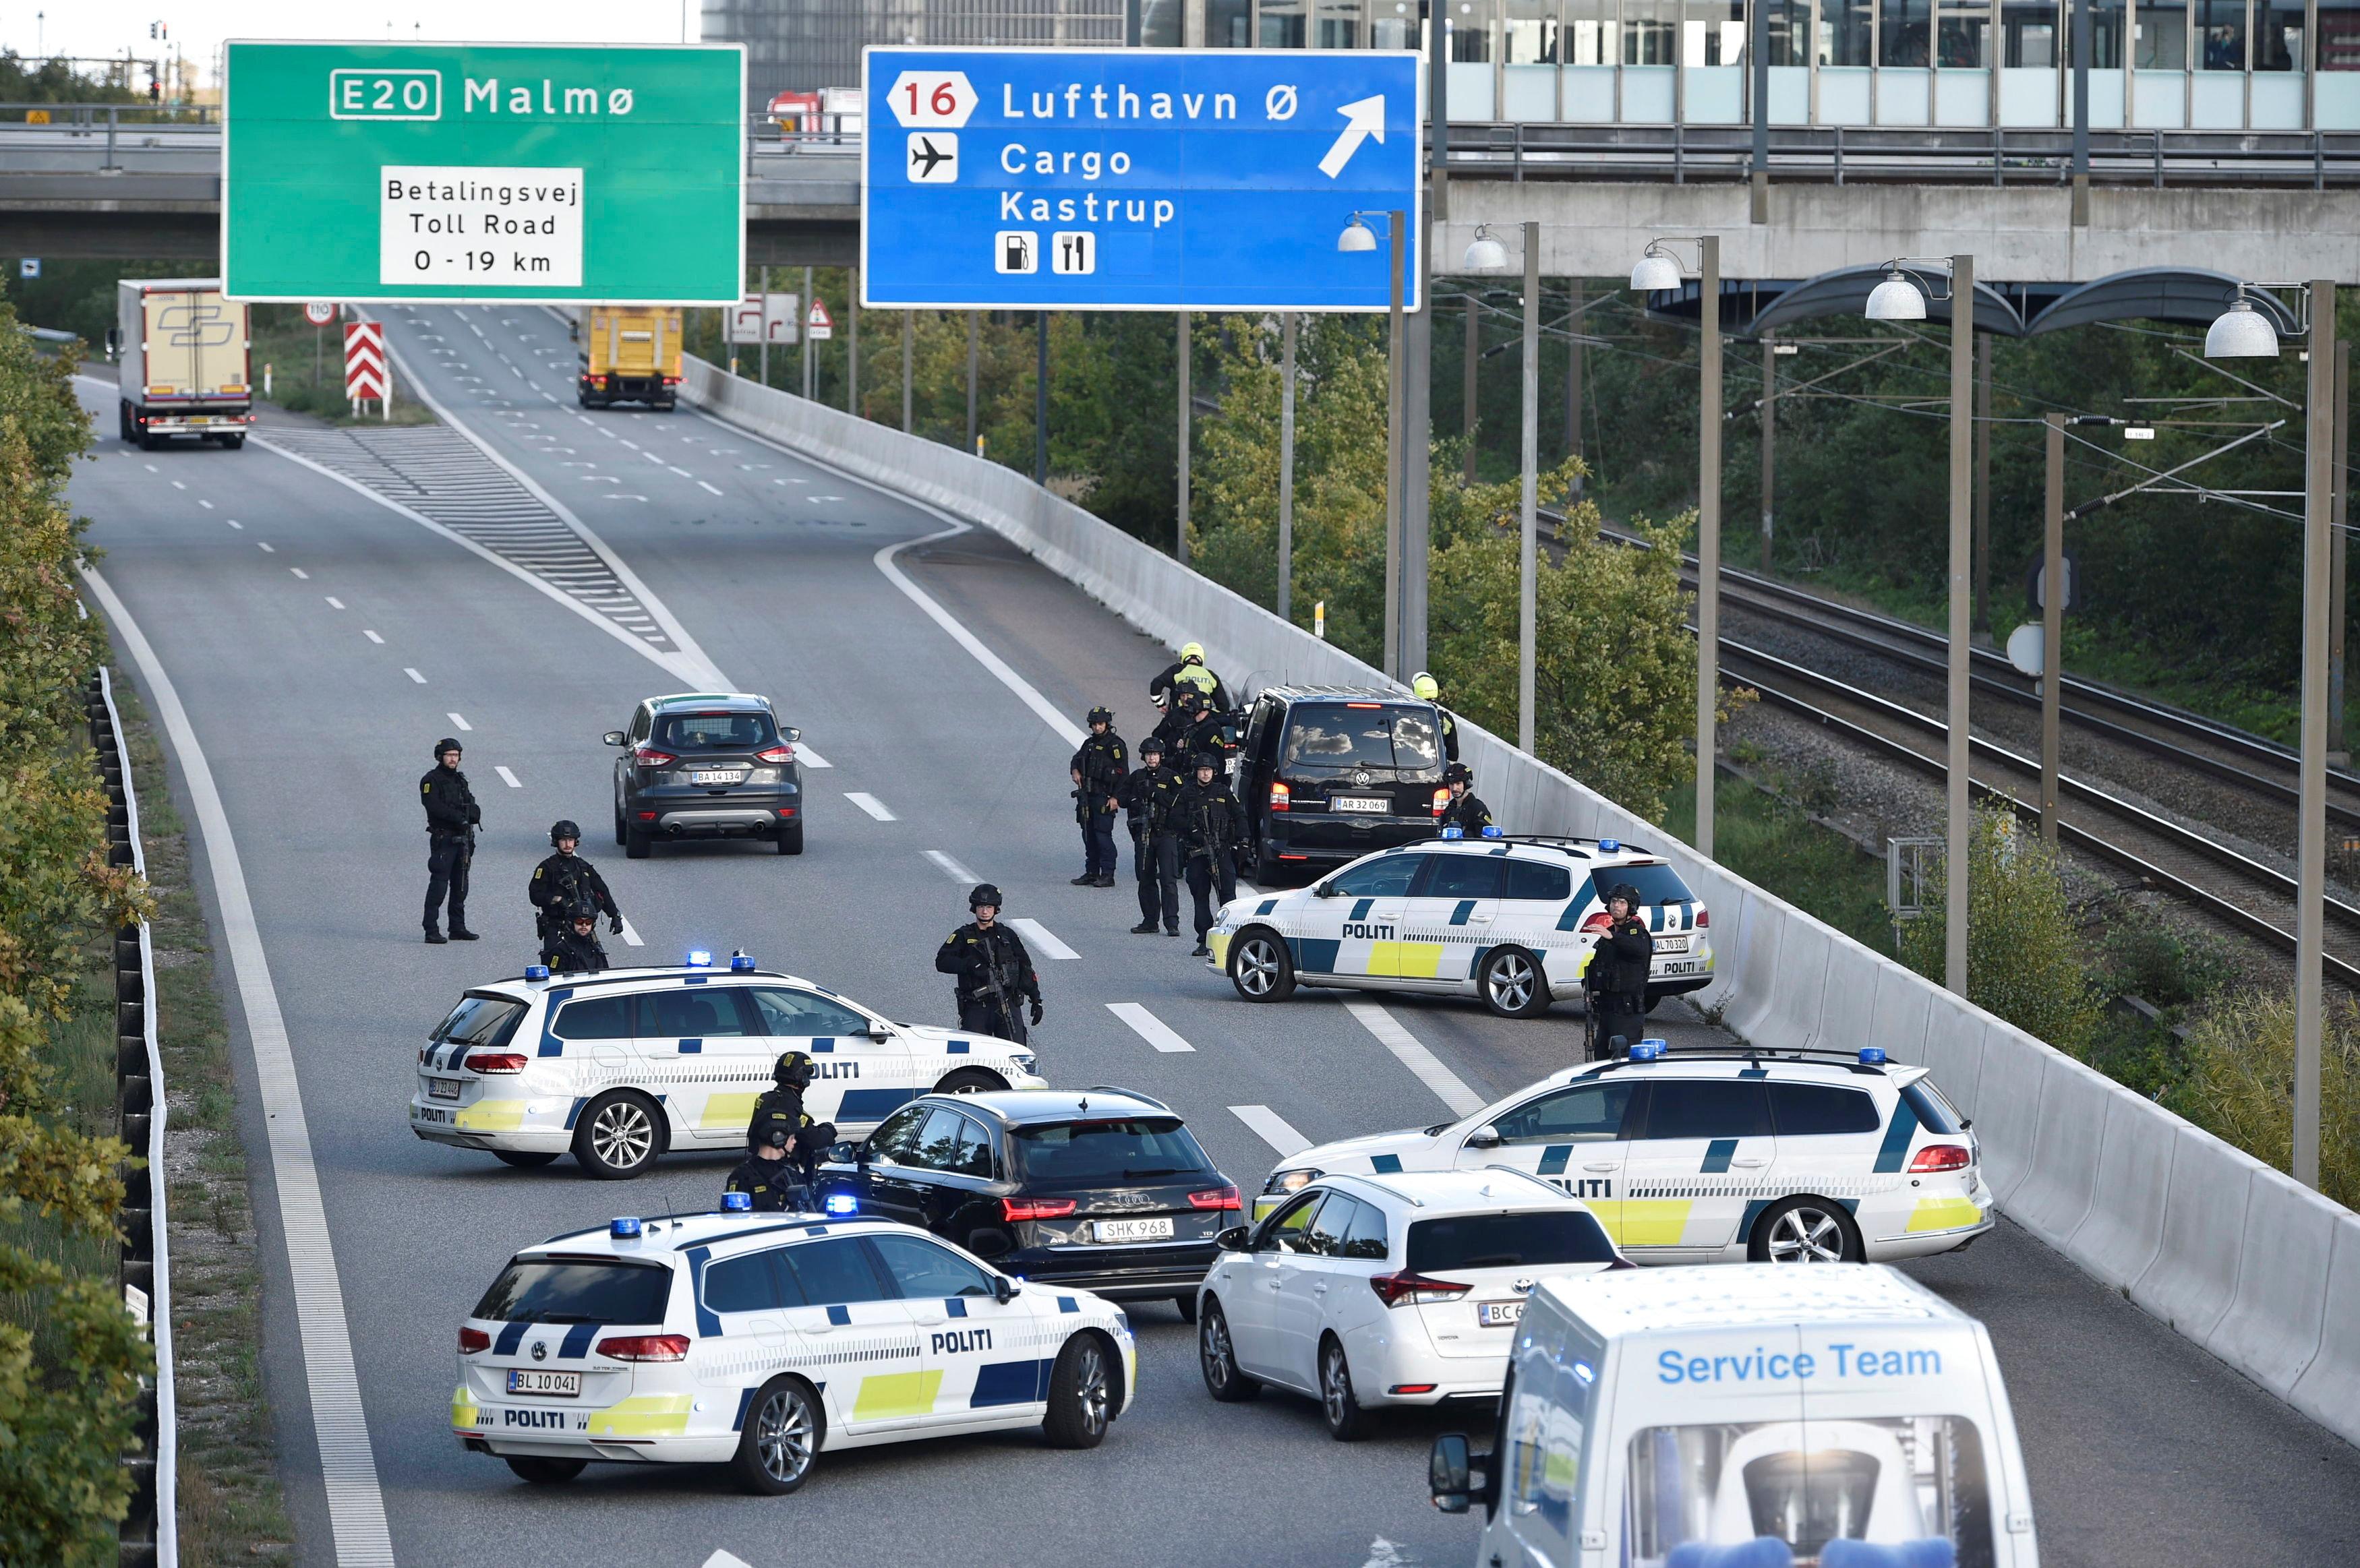 الدنماركية تغلق جسرين رئيسيين